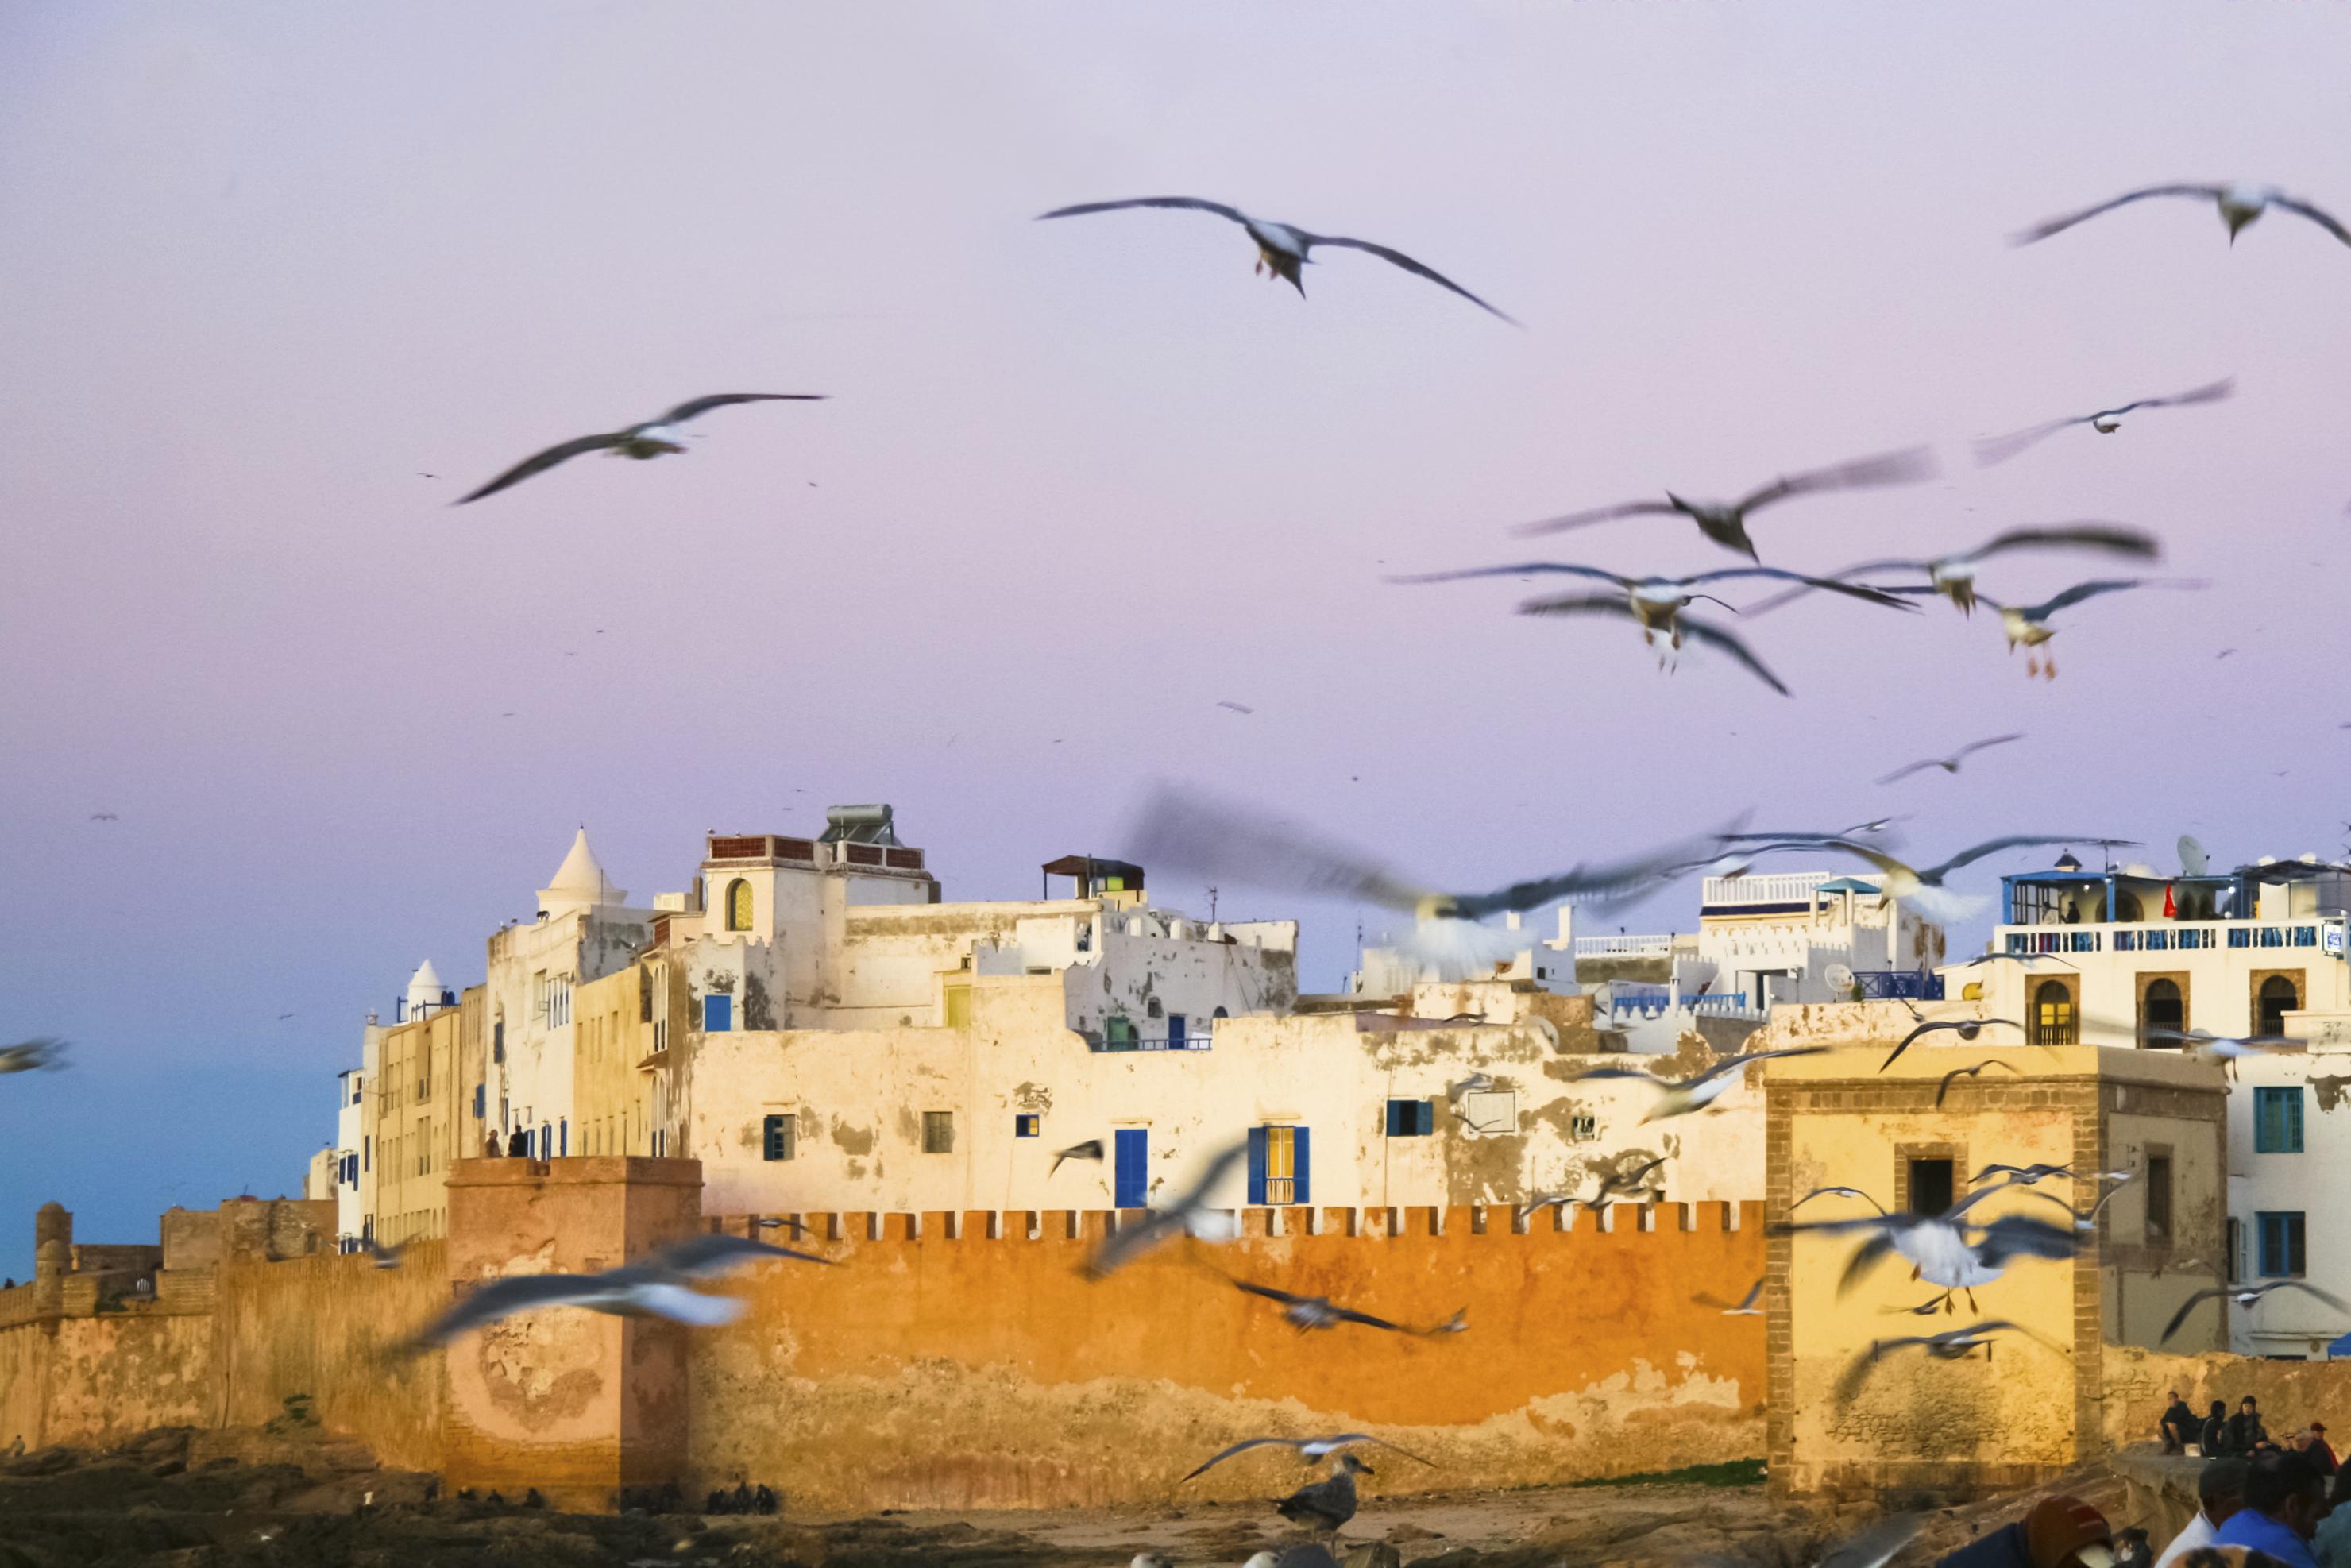 Γλάροι πάνω απ' την Εσαουίρα - διακοπές στο Μαρόκο